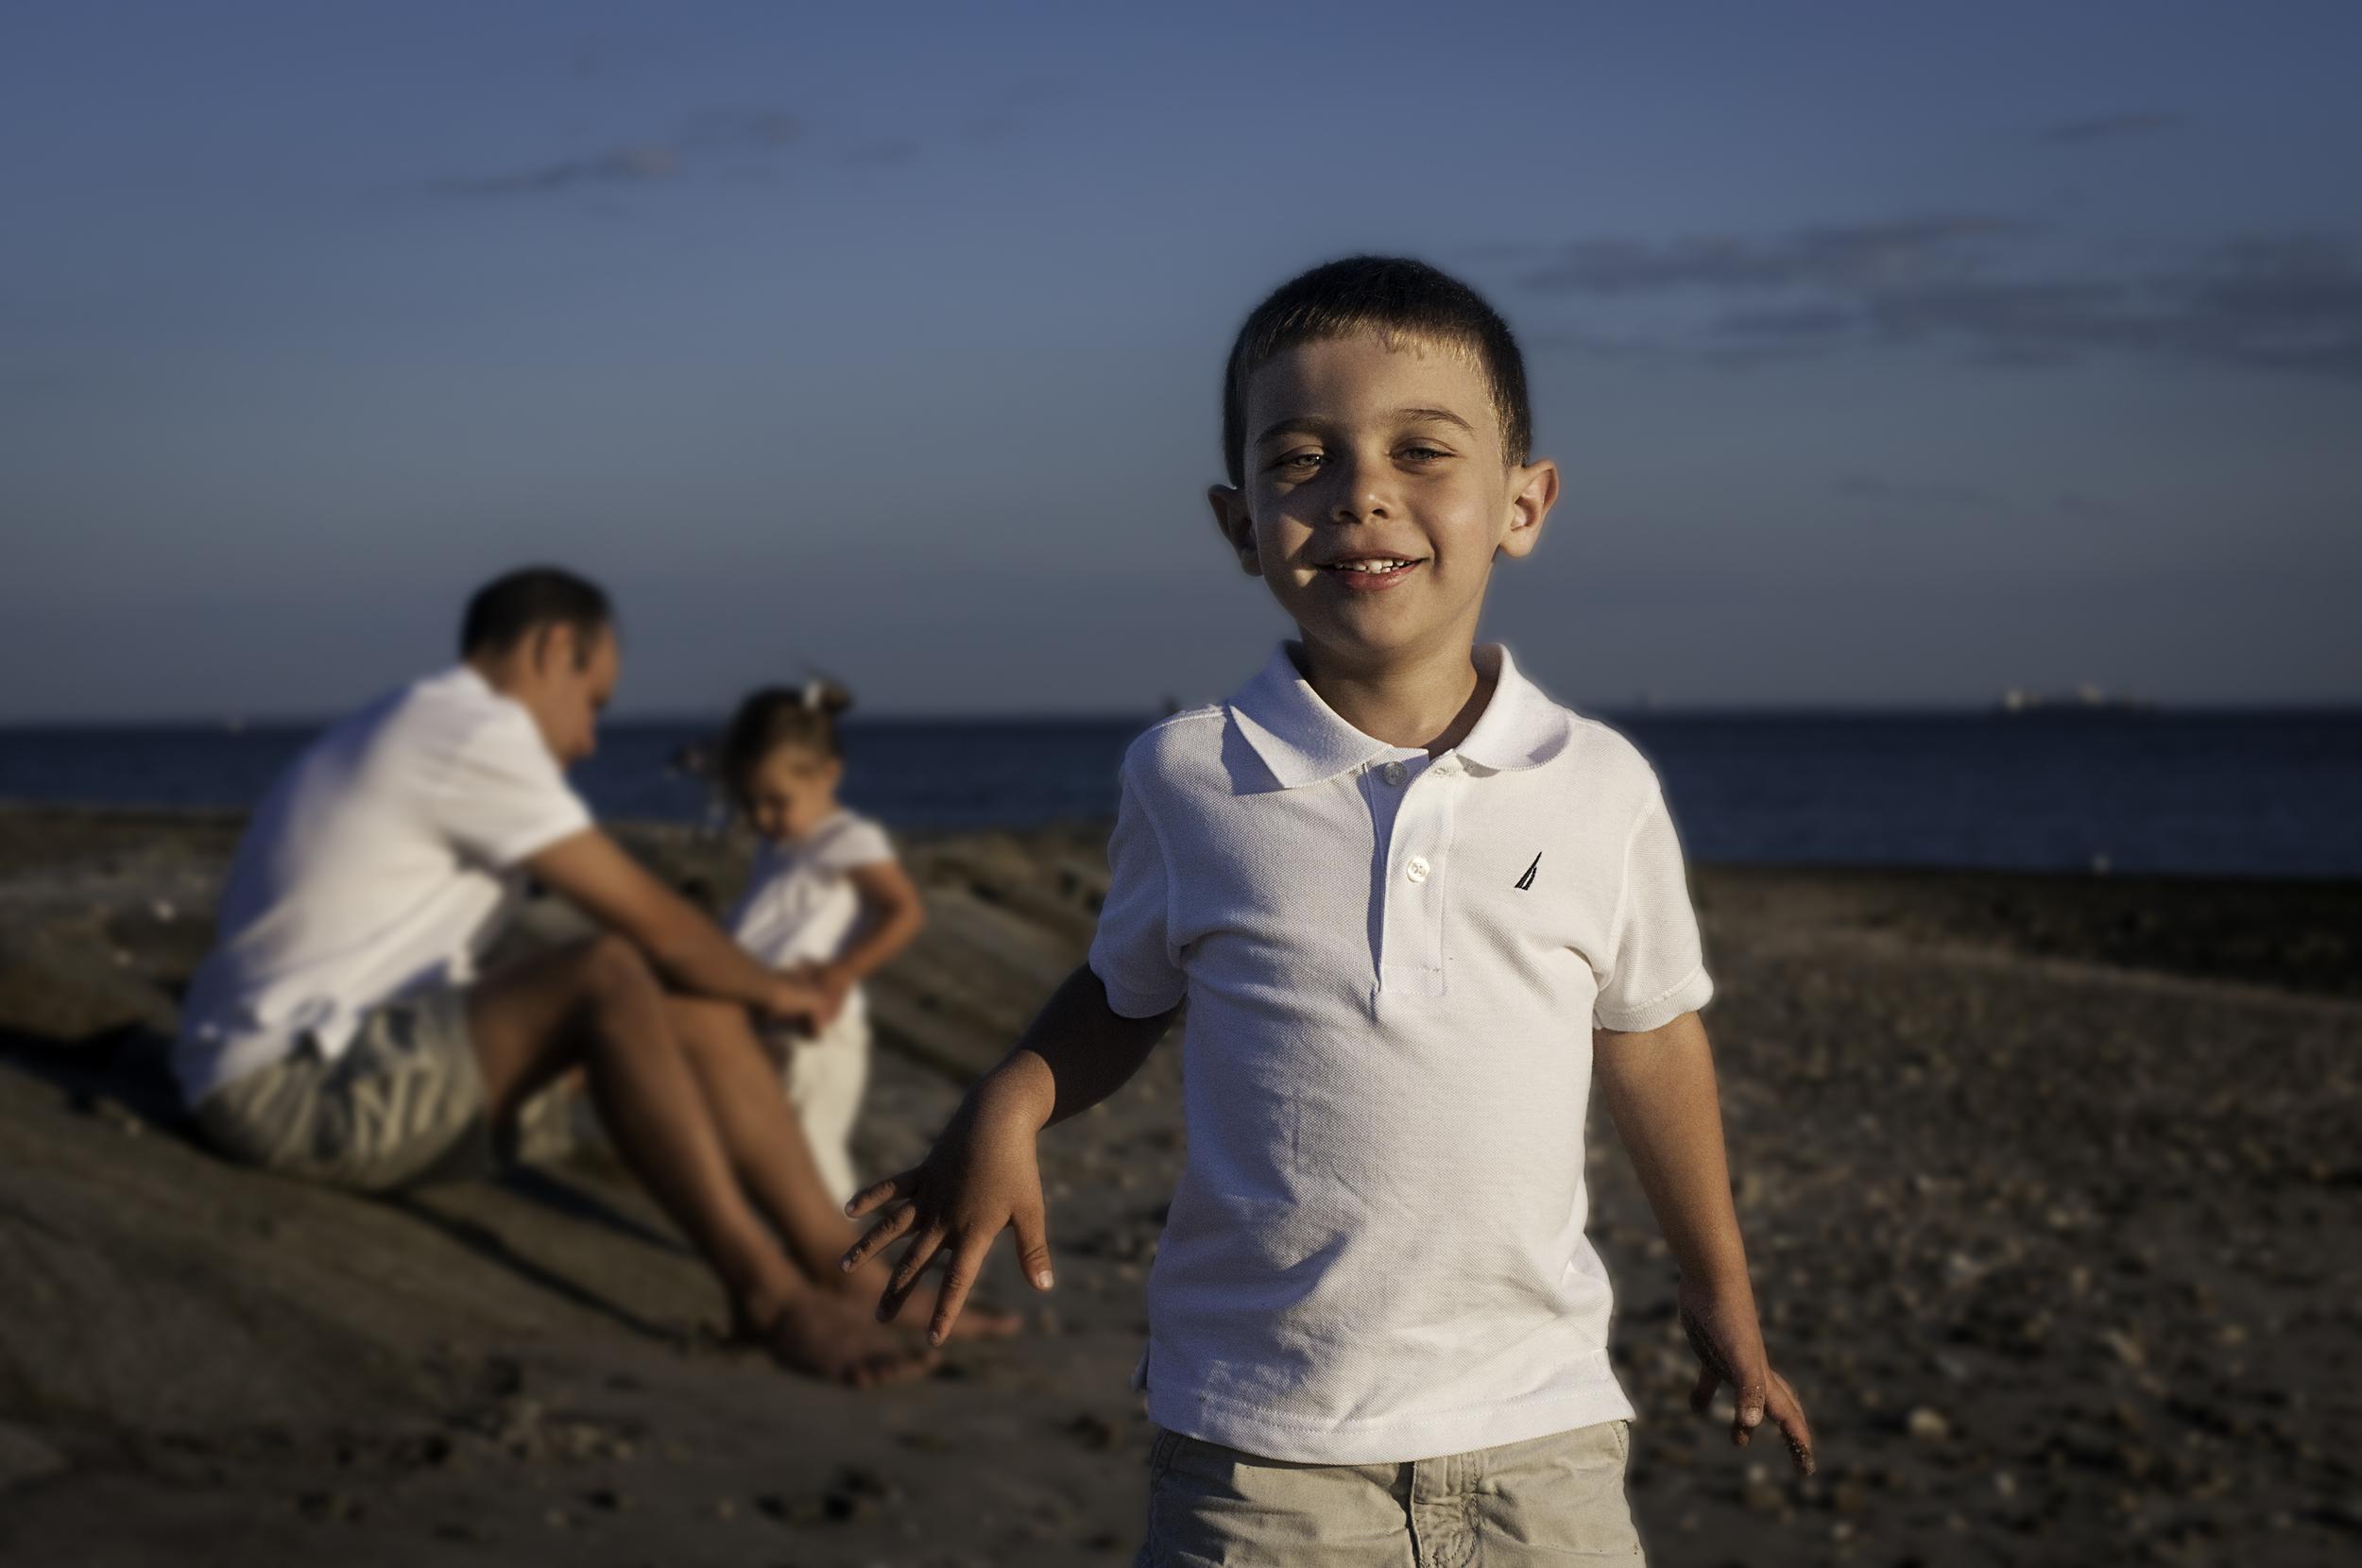 Family photography at Fairfield Beach, Fairfield, Connecticut